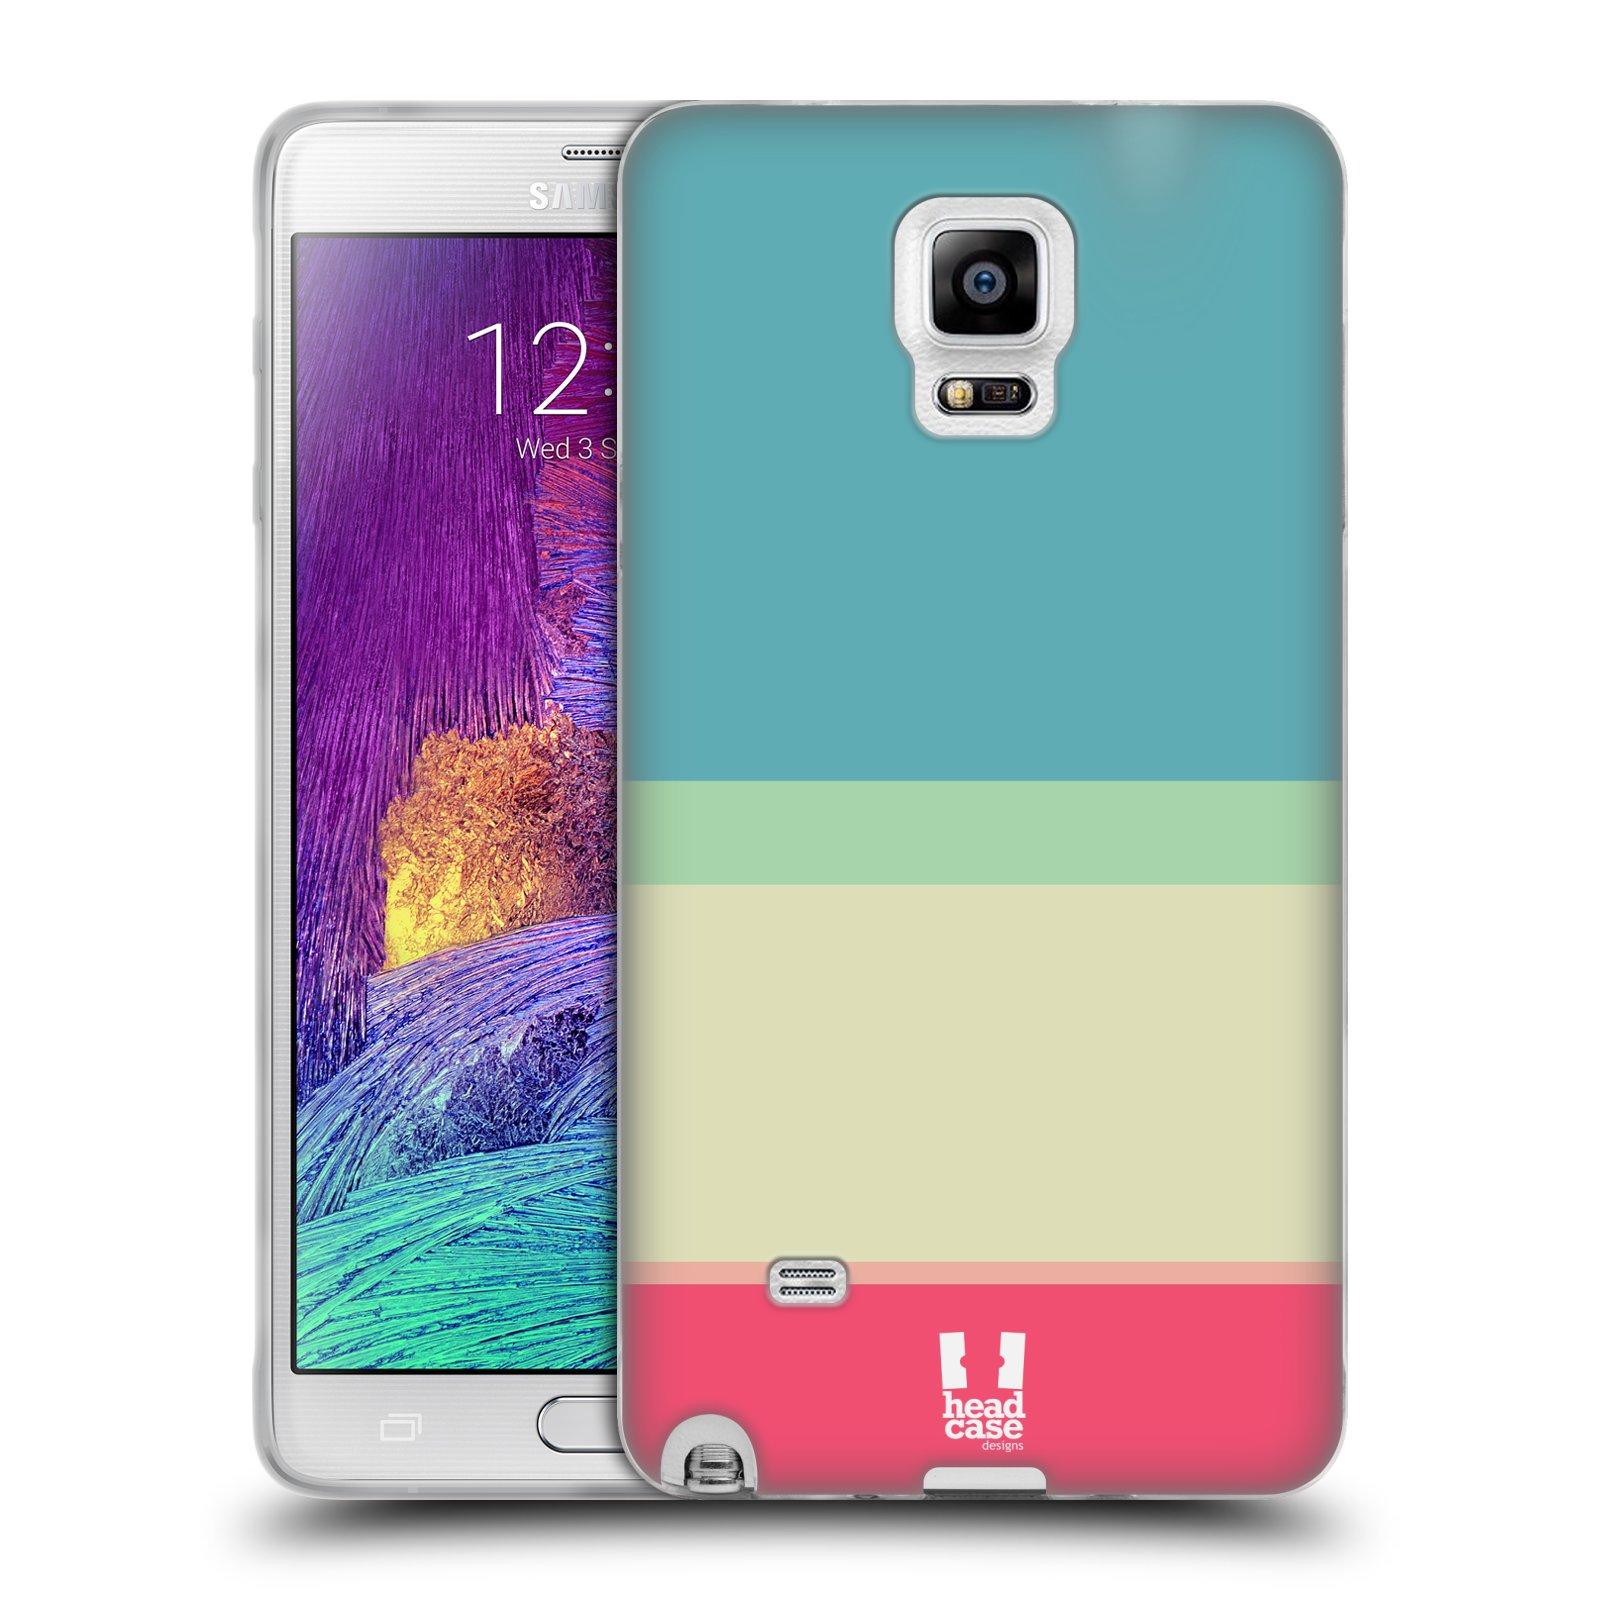 HEAD CASE silikonový obal na mobil Samsung Galaxy Note 4 (N910) vzor Barevné proužky MODRÁ A RŮŽOVÁ